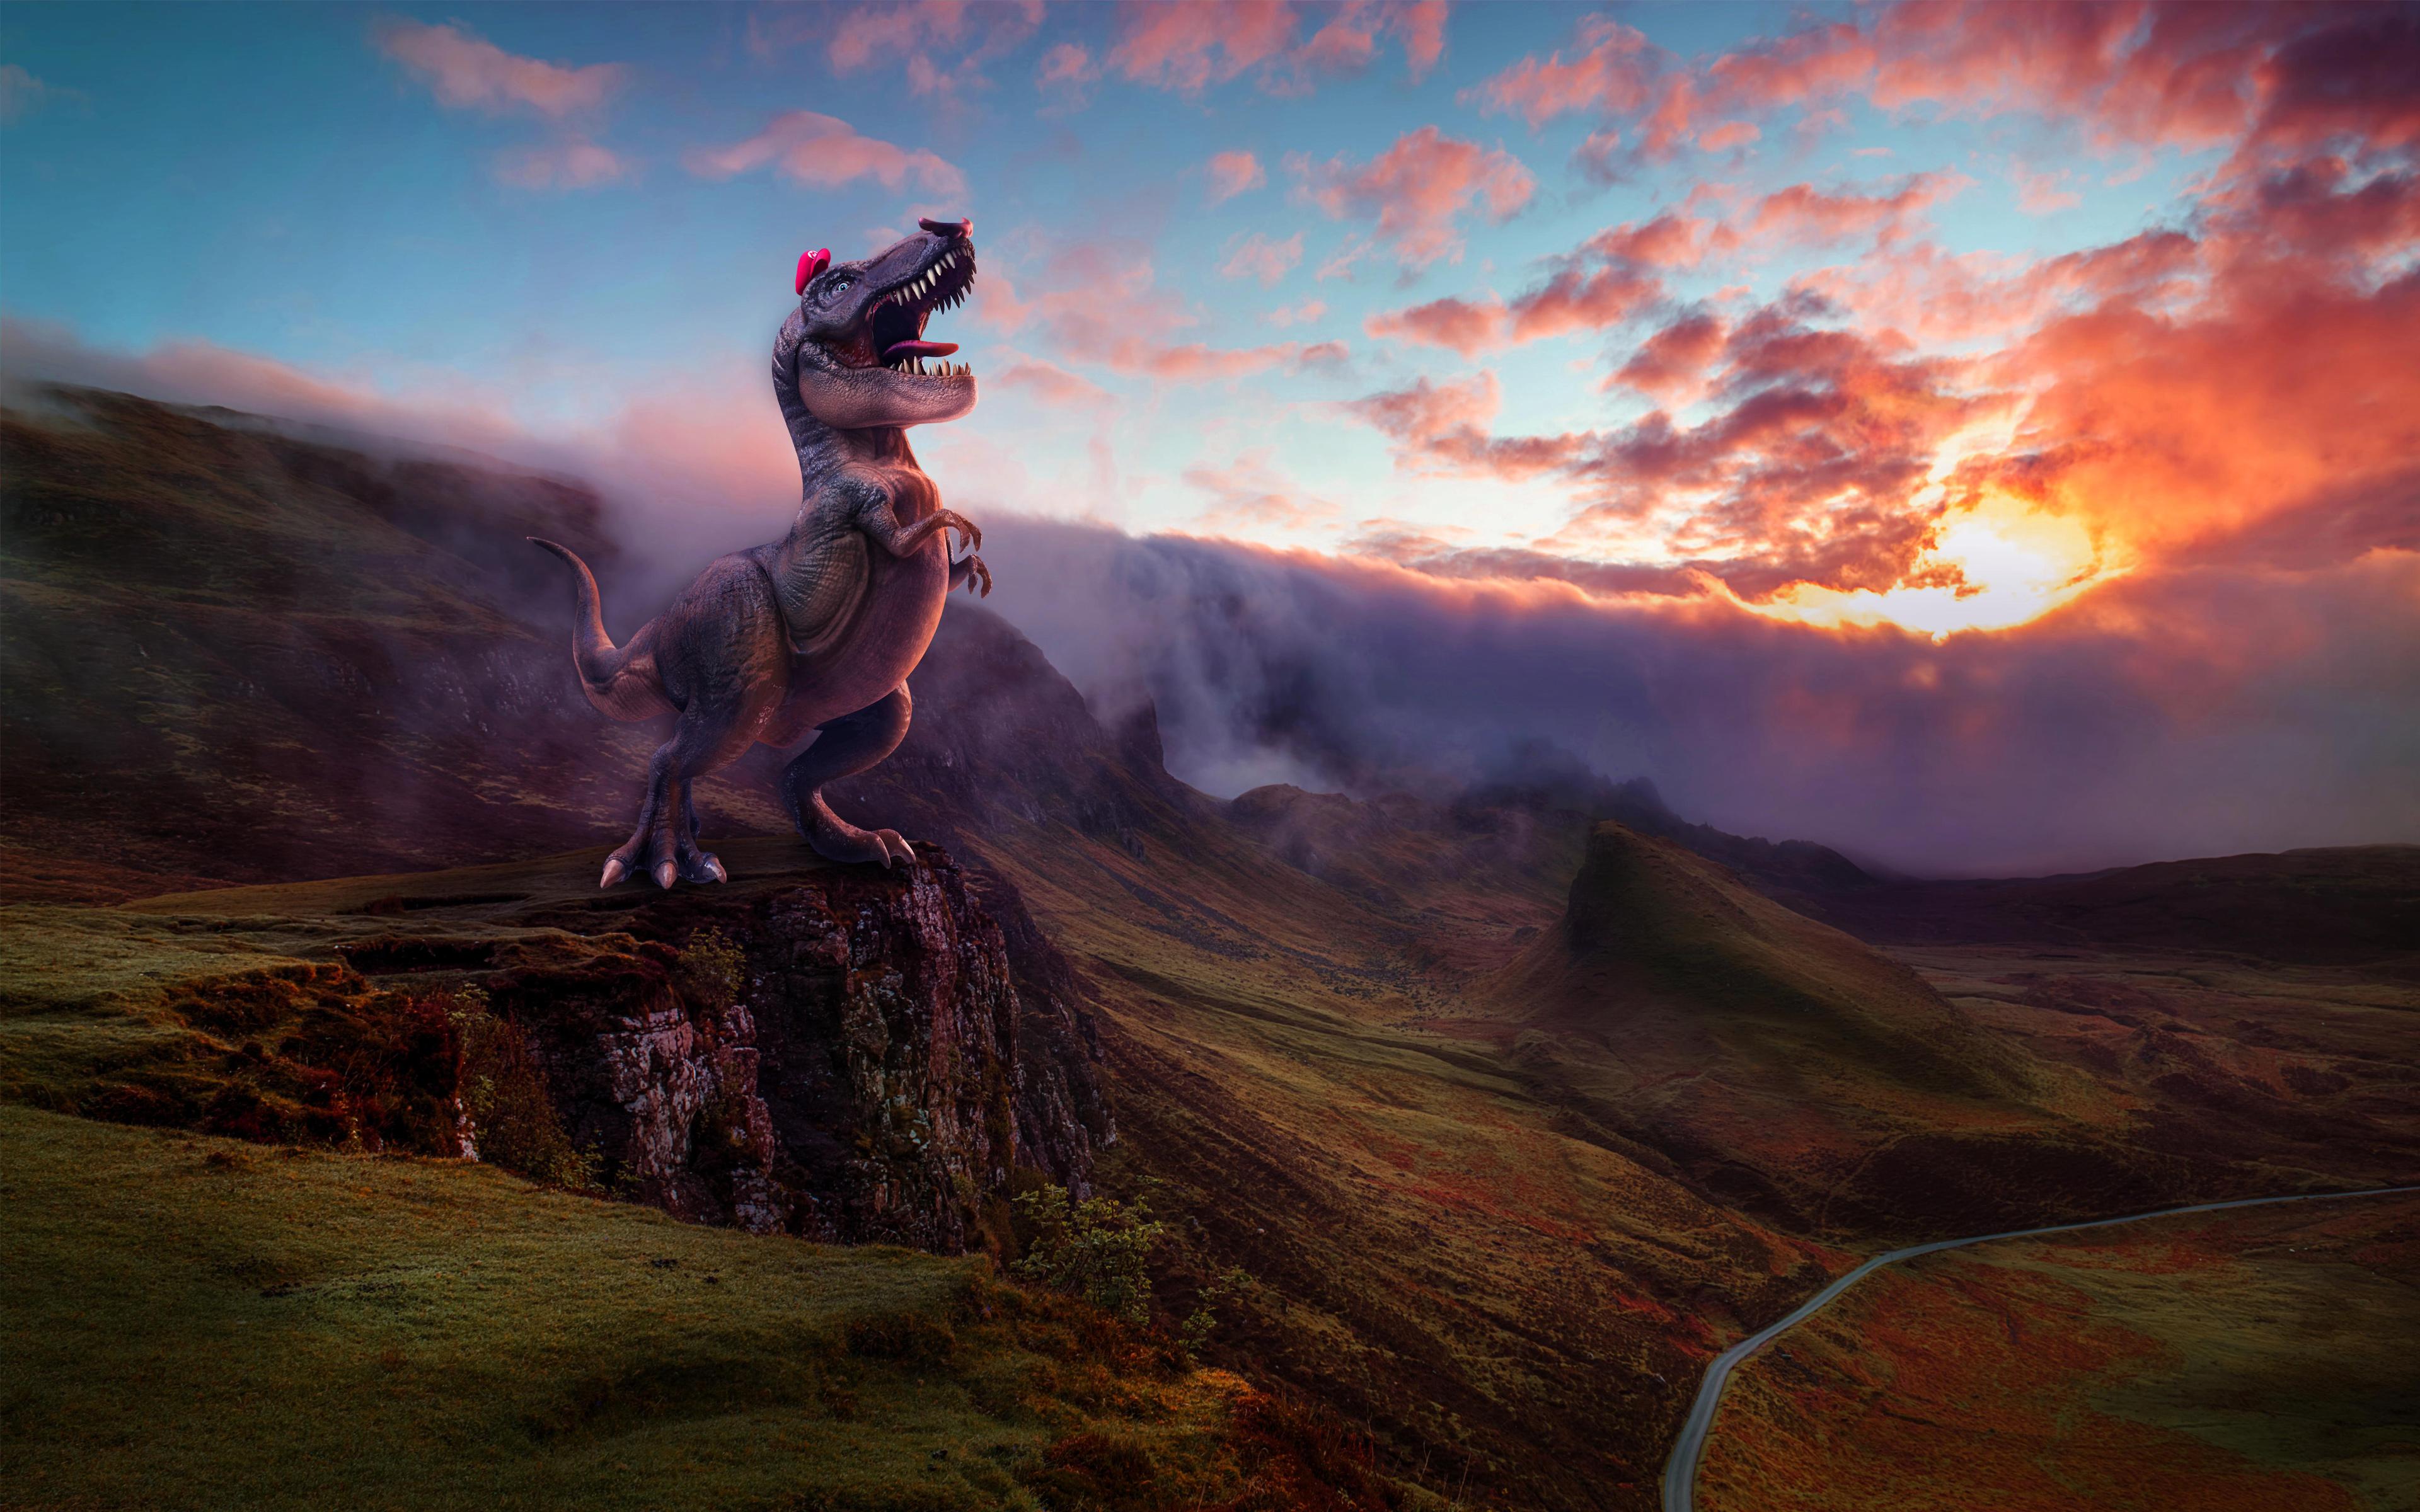 Супер Марио Одиссея динозавров обои скачать